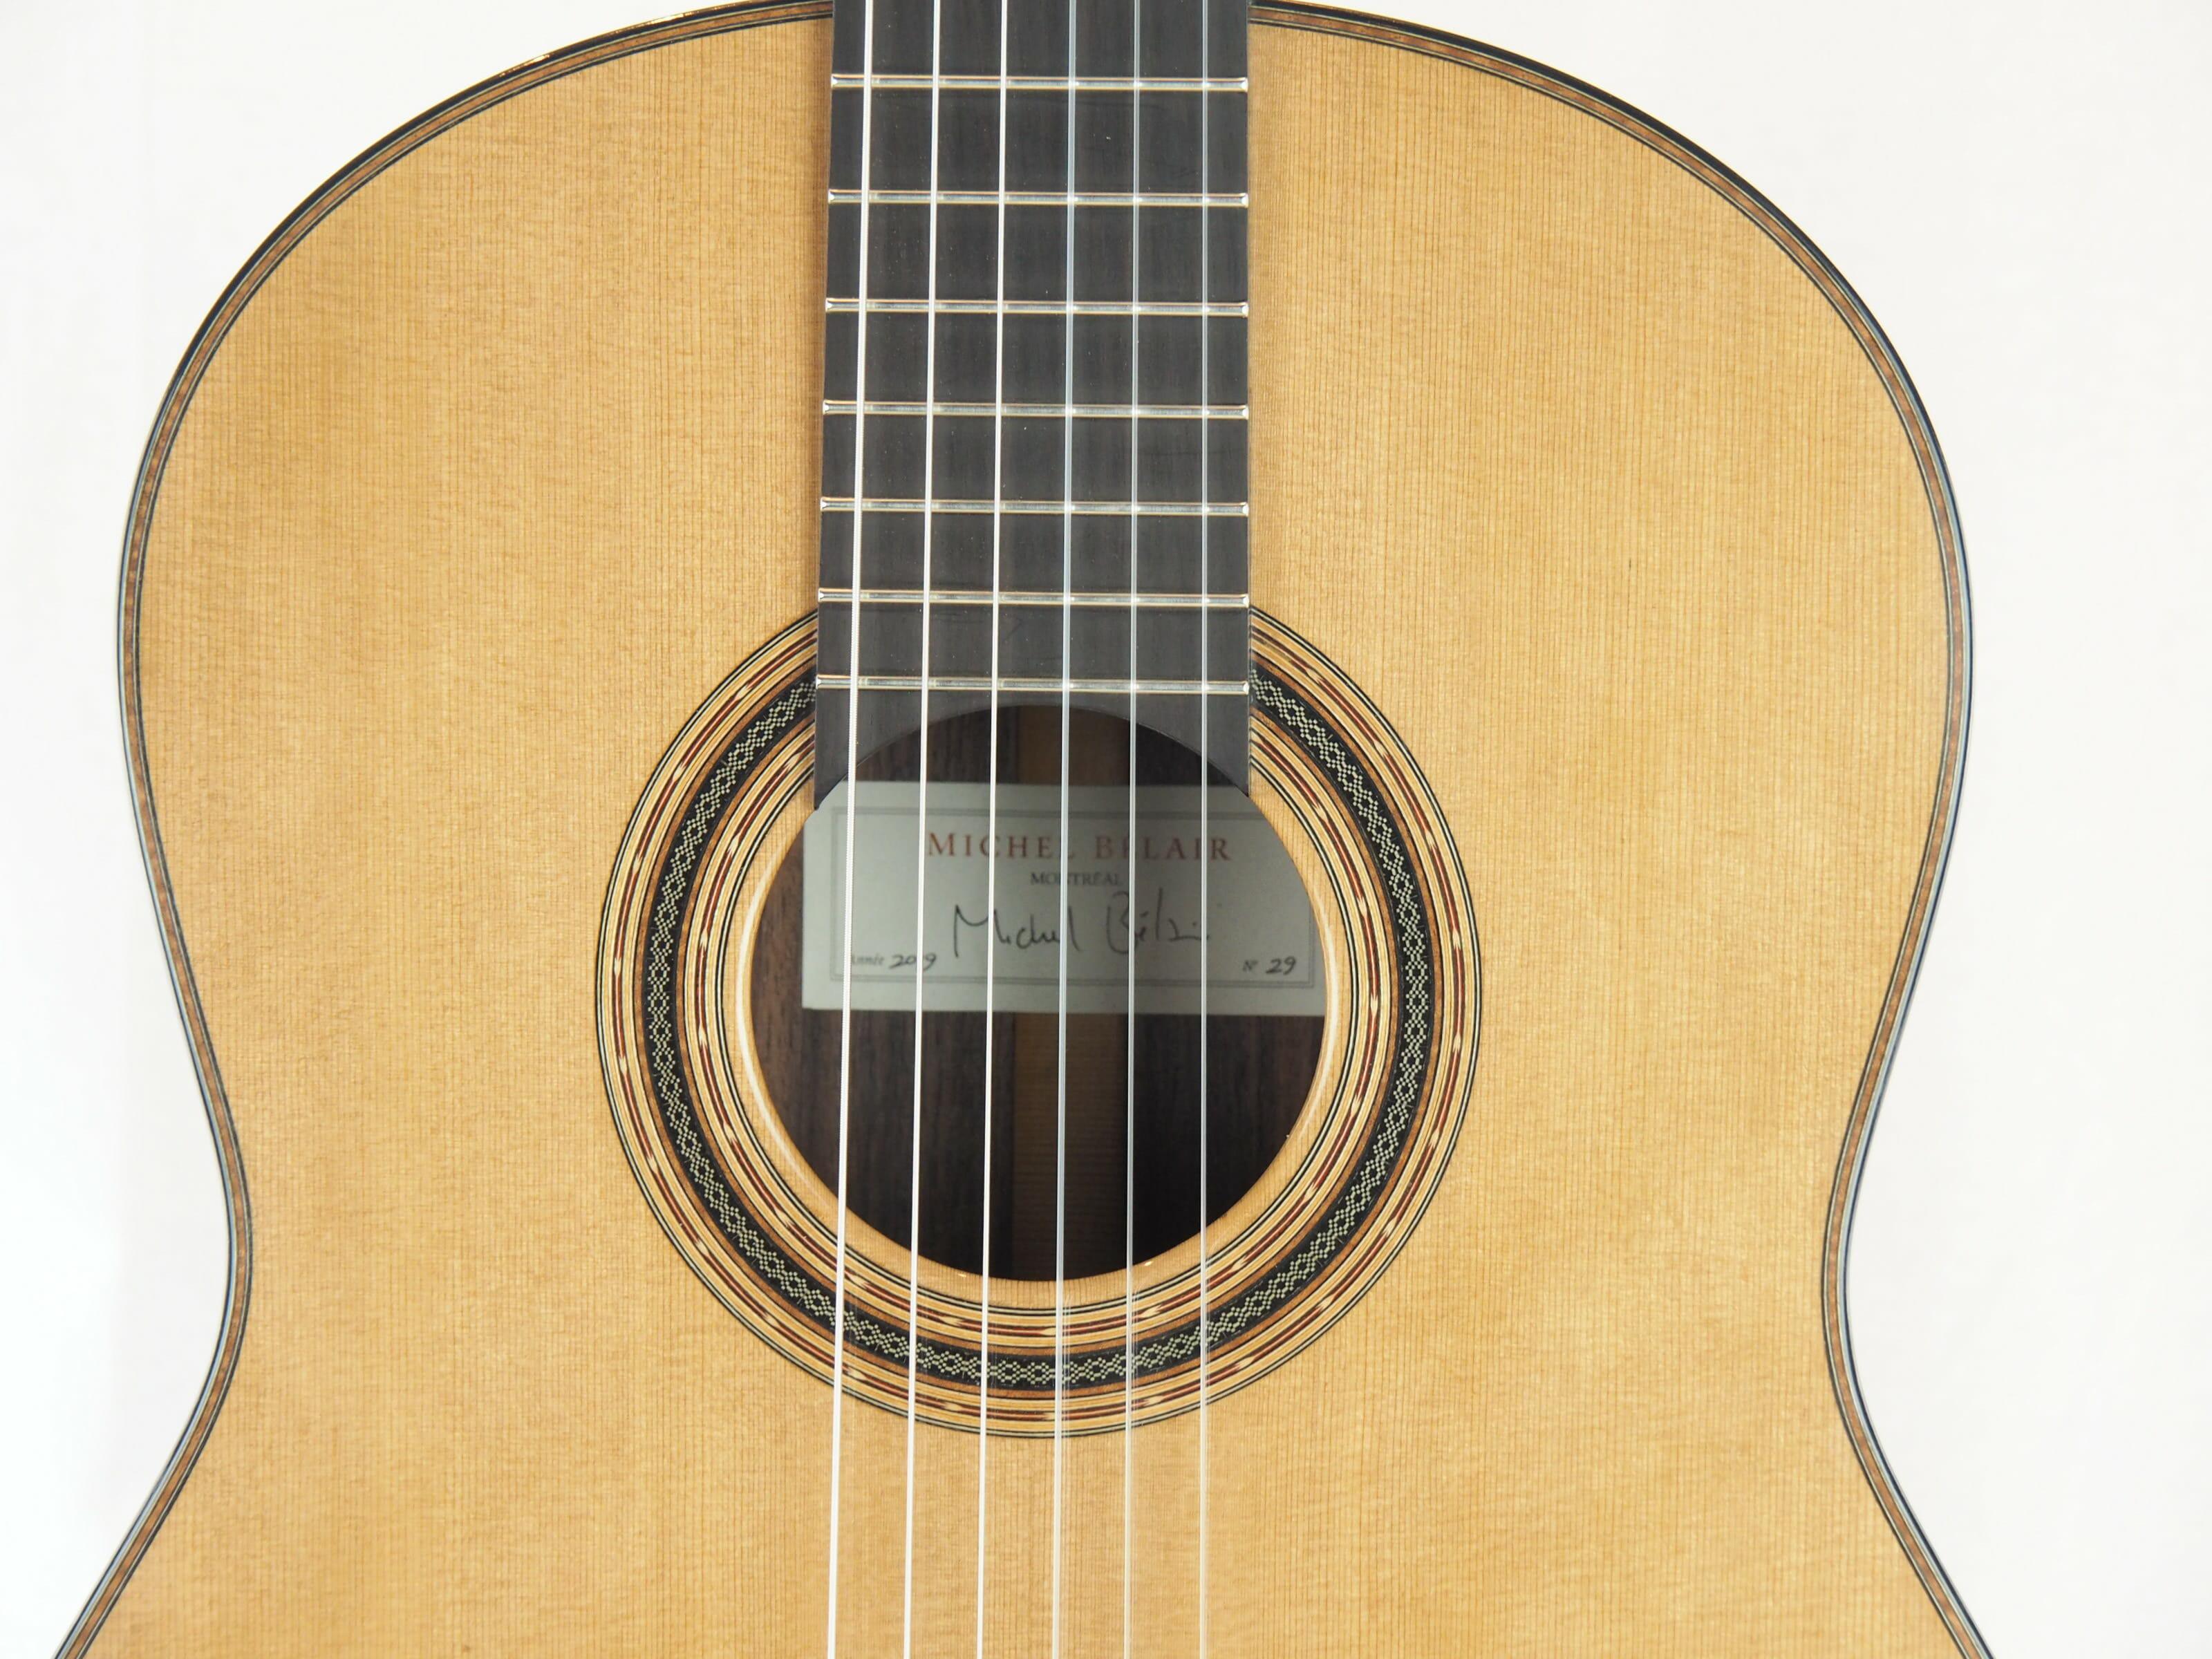 Michel Belair luthier guitare classique 2019 19BEL019-09